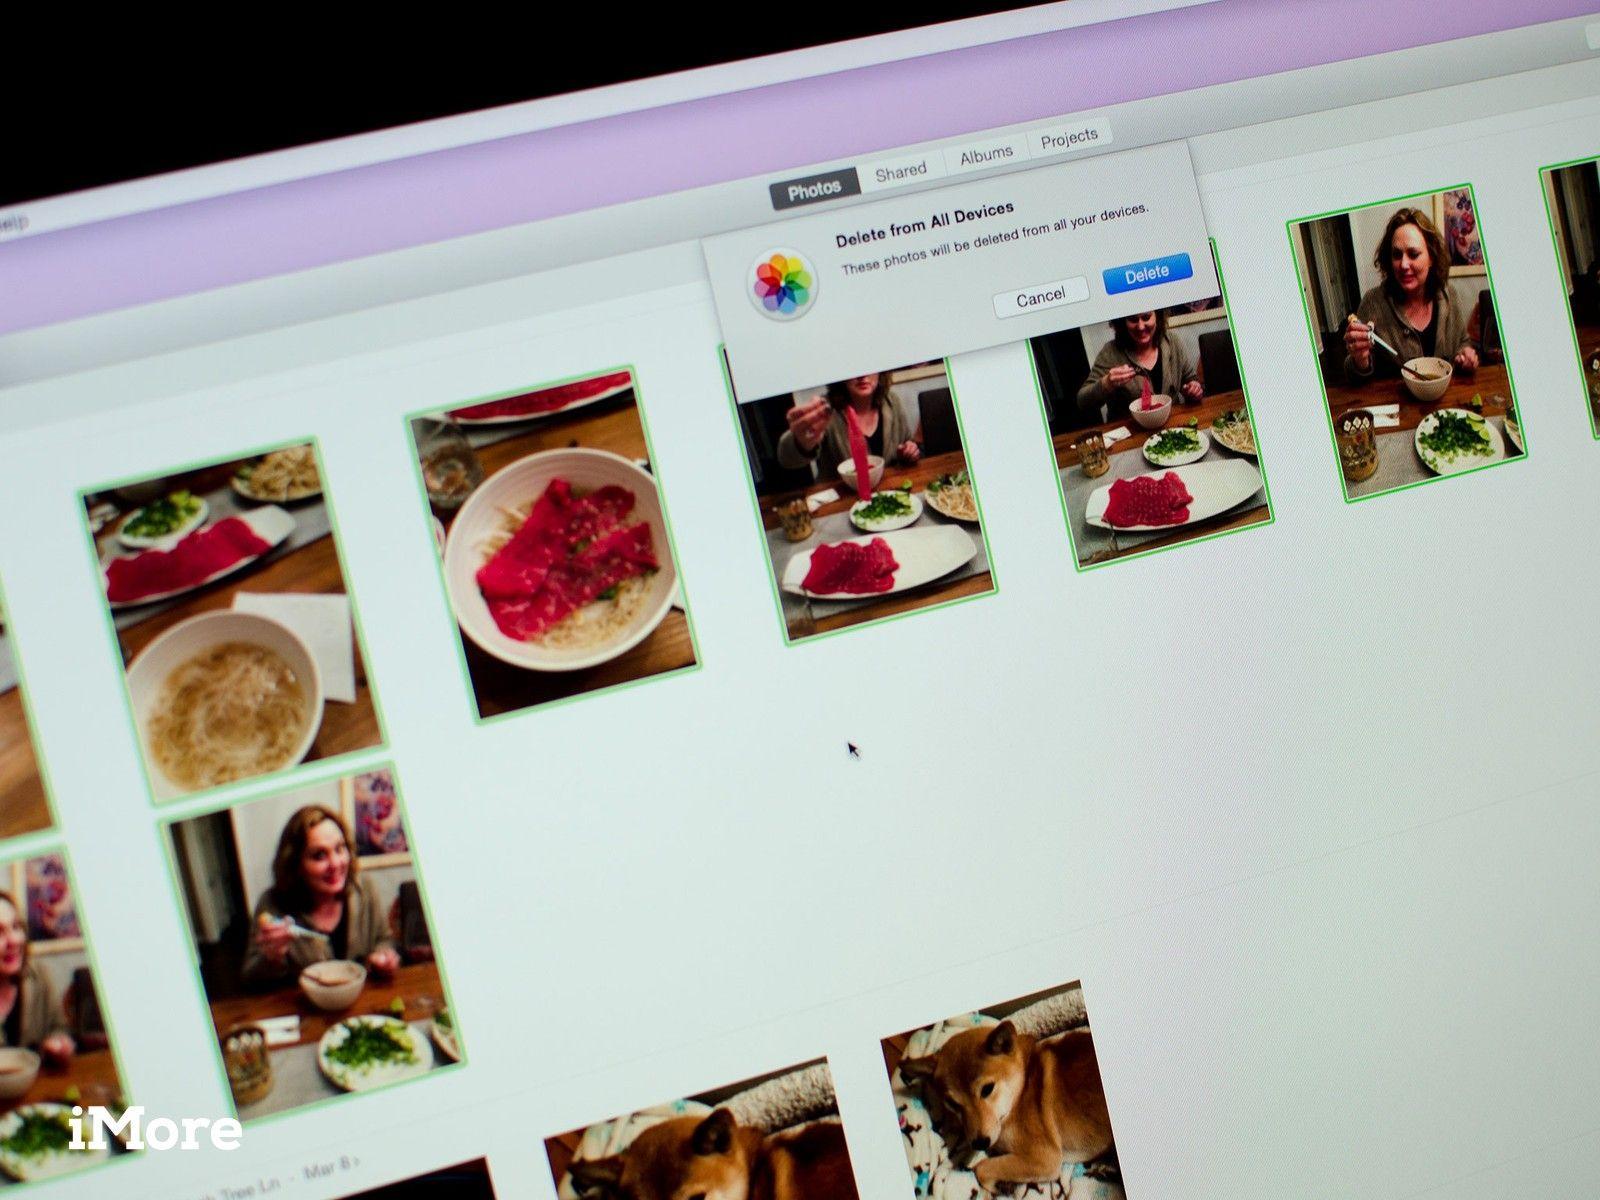 как удалить несколько фото в макбуке самом